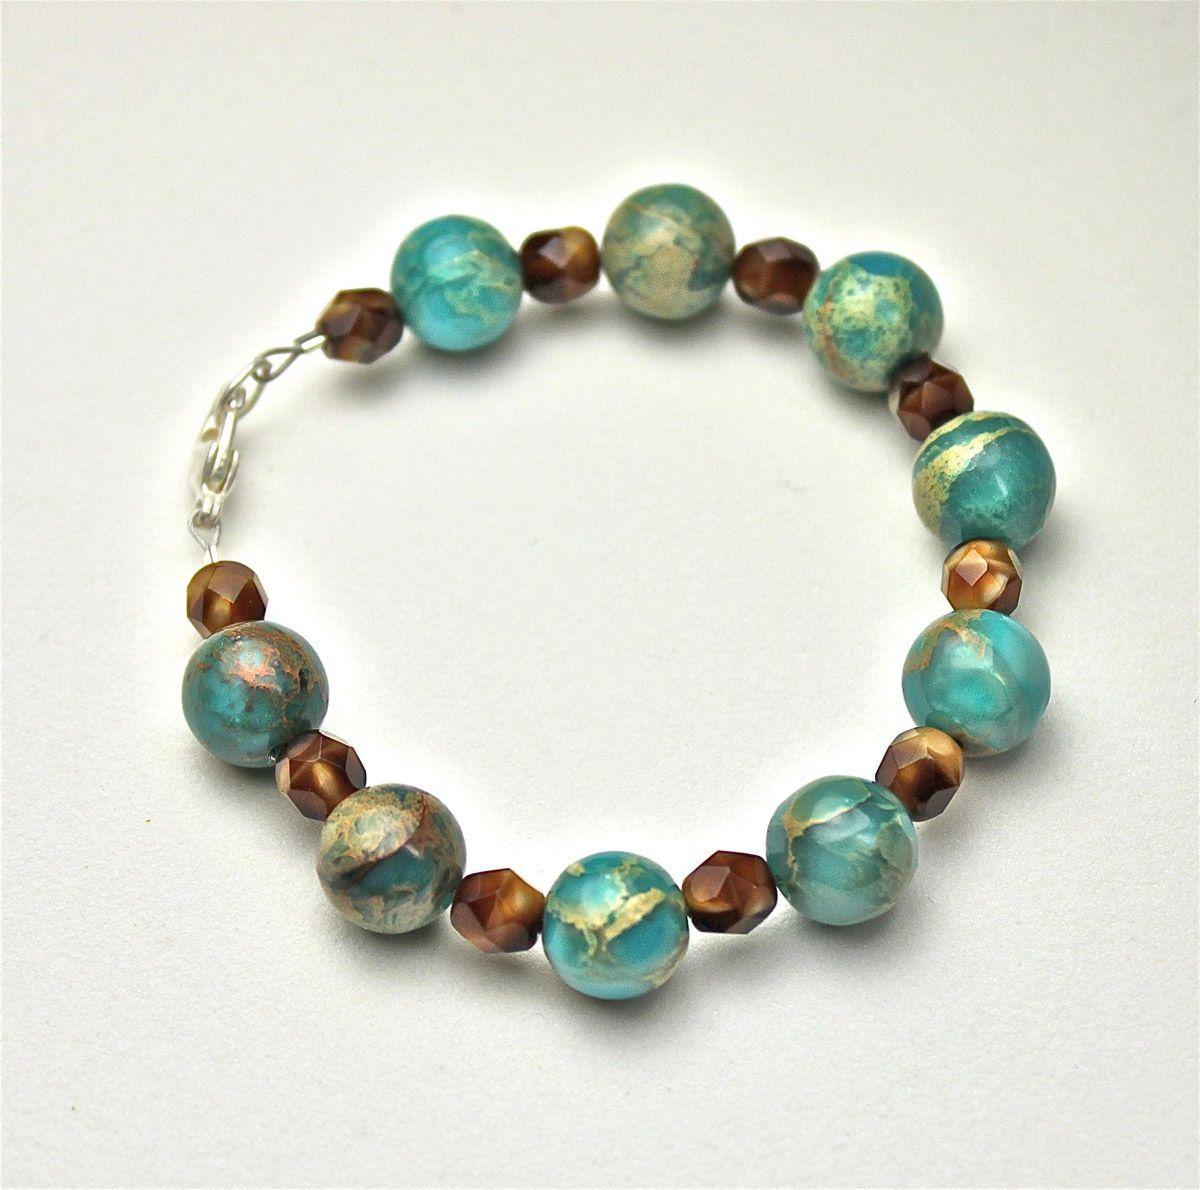 How to Make Beaded Bracelets | Beaded bracelets | Pinterest ...